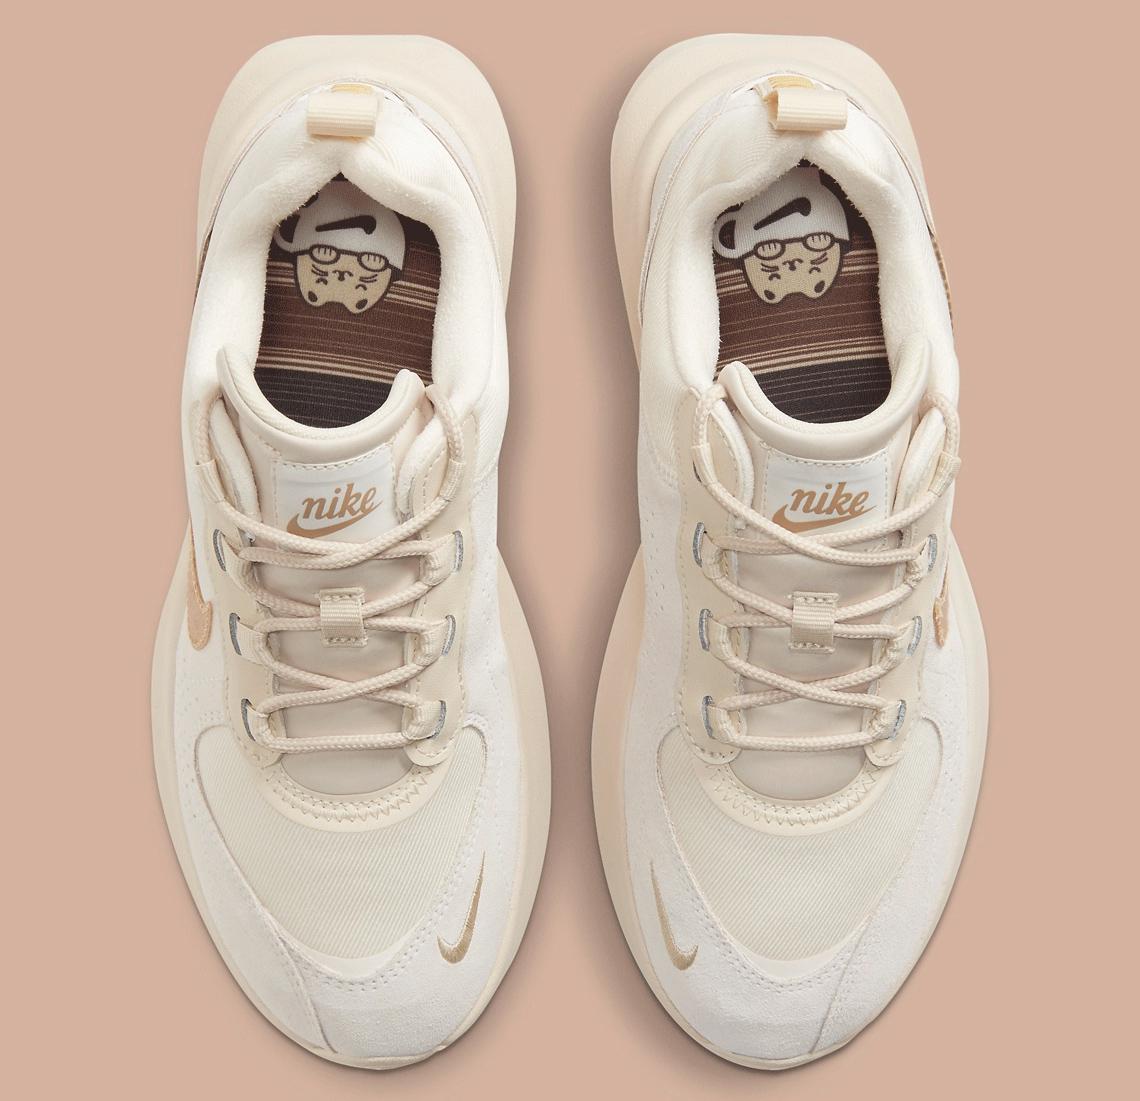 זוג נעלי ספורט נייק אייר מקס ורונה קפה